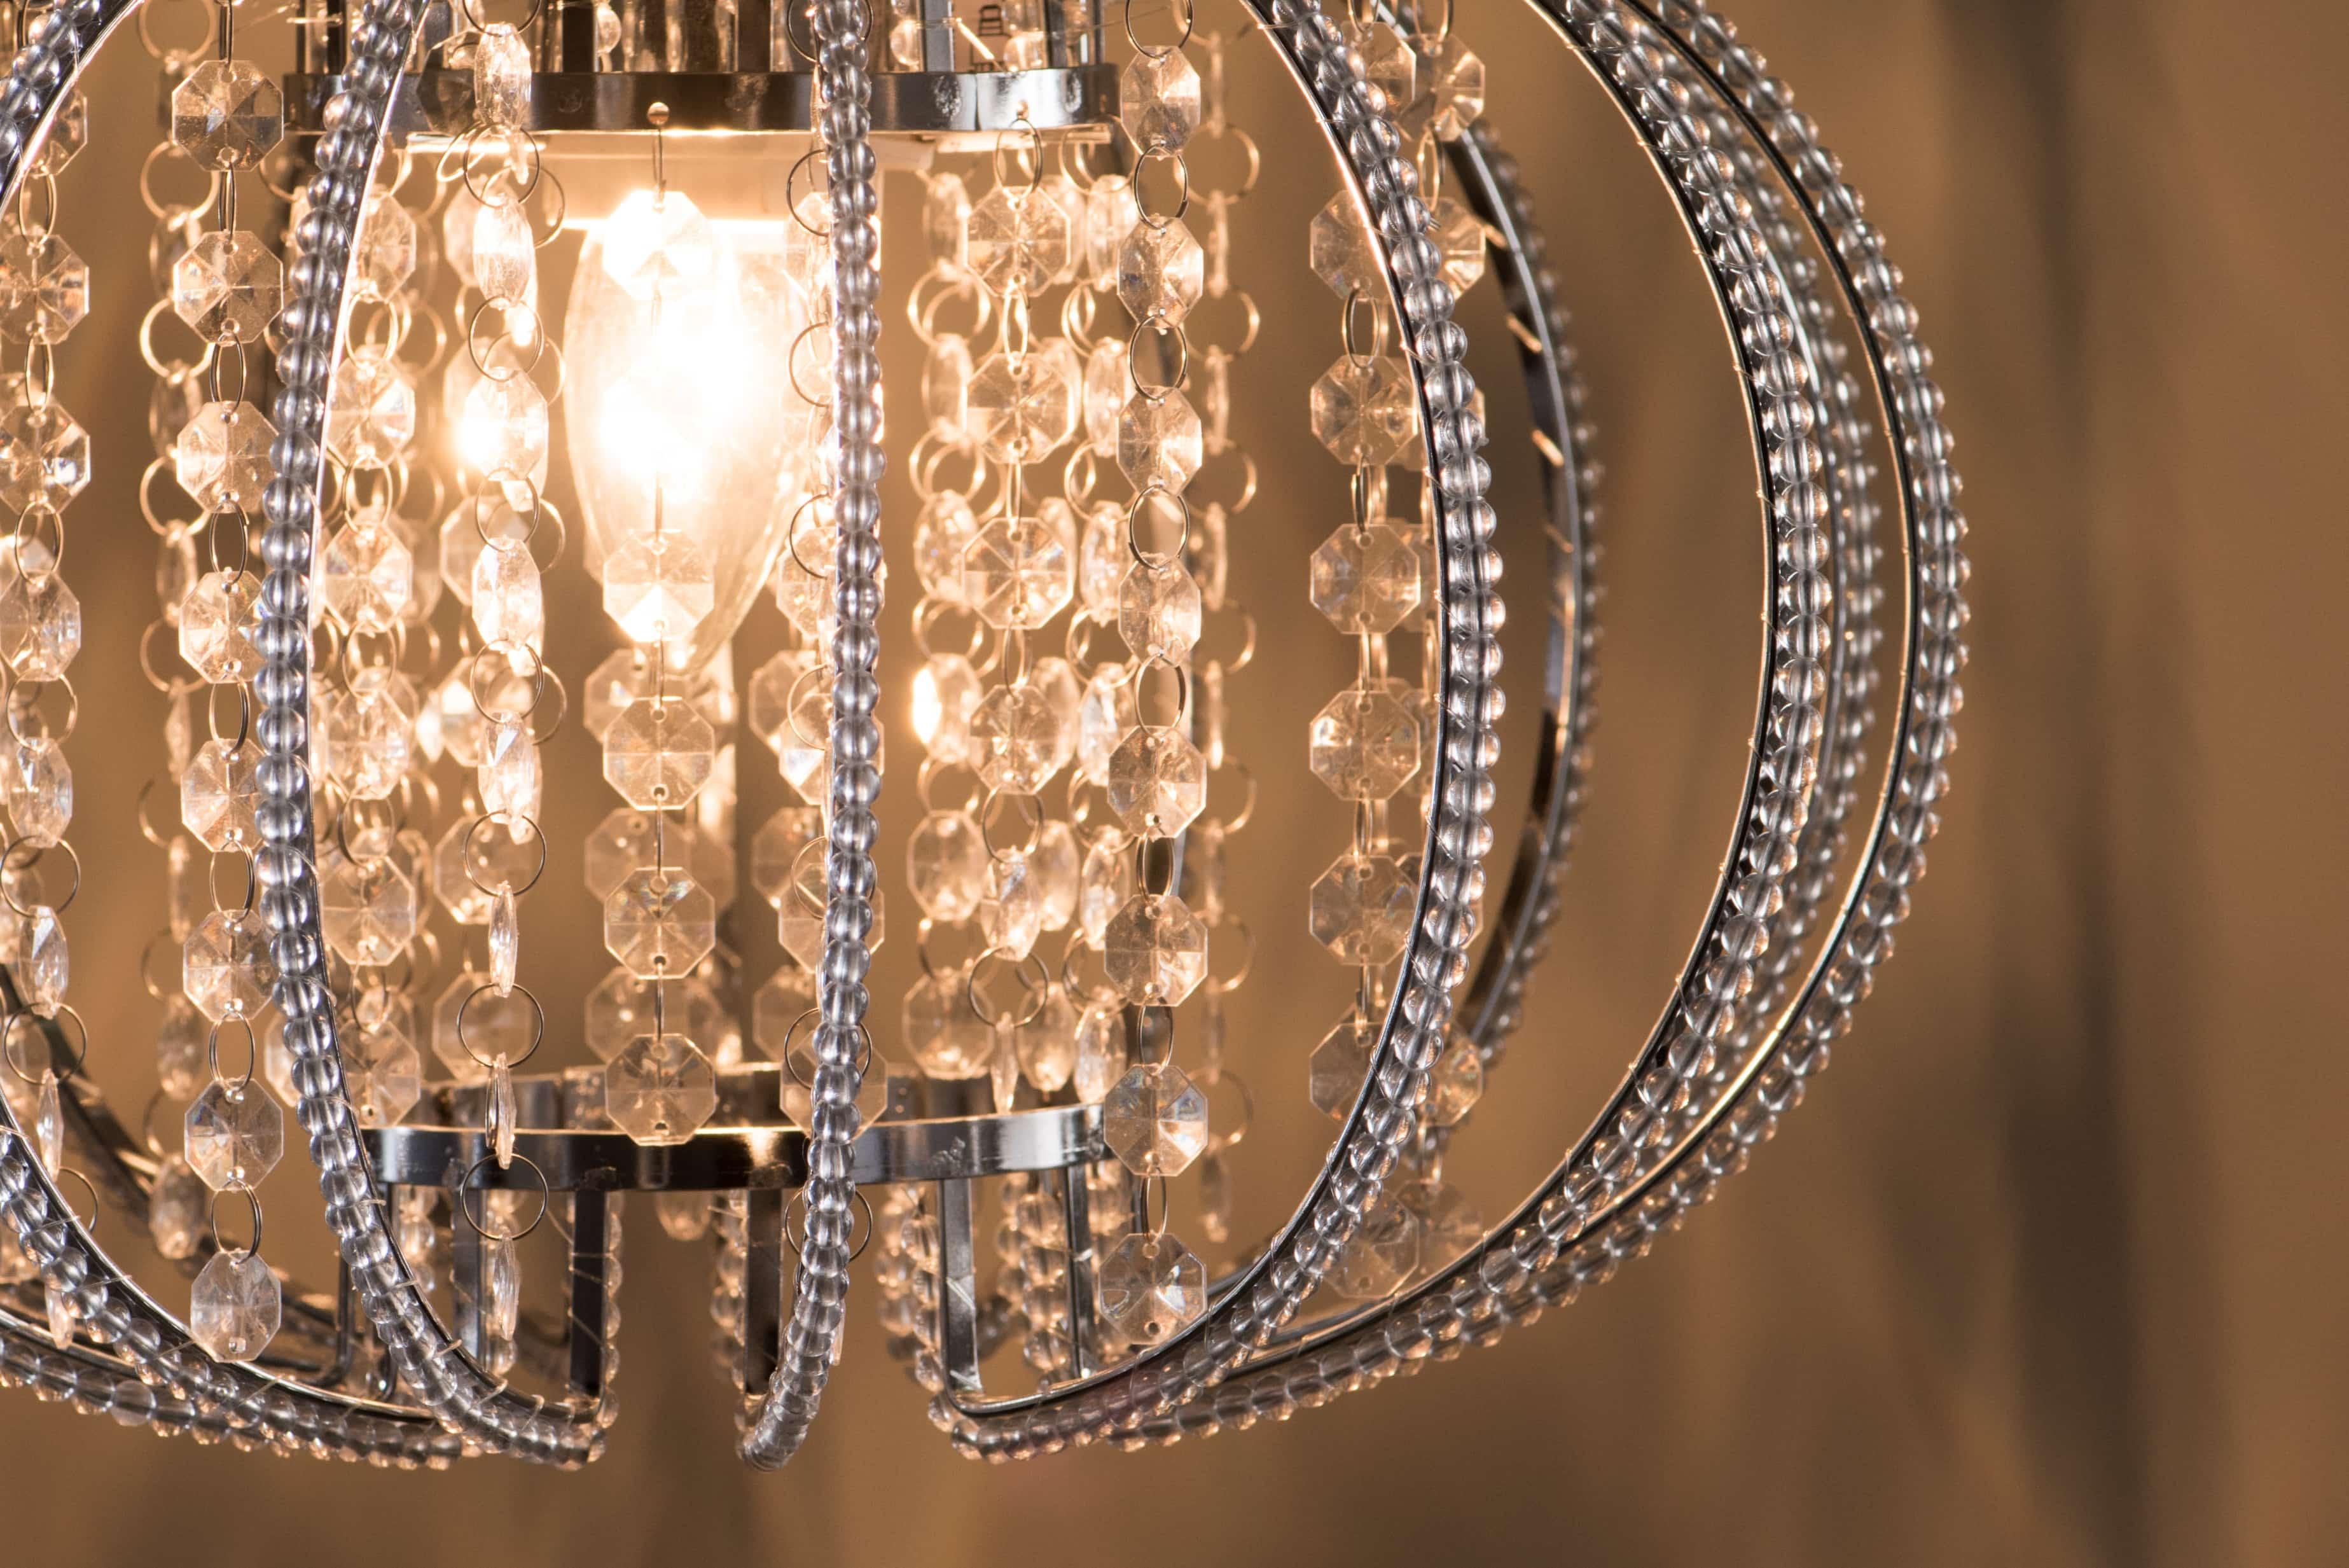 鍍鉻圓形透明壓克力珠吊燈-BNL00046 5